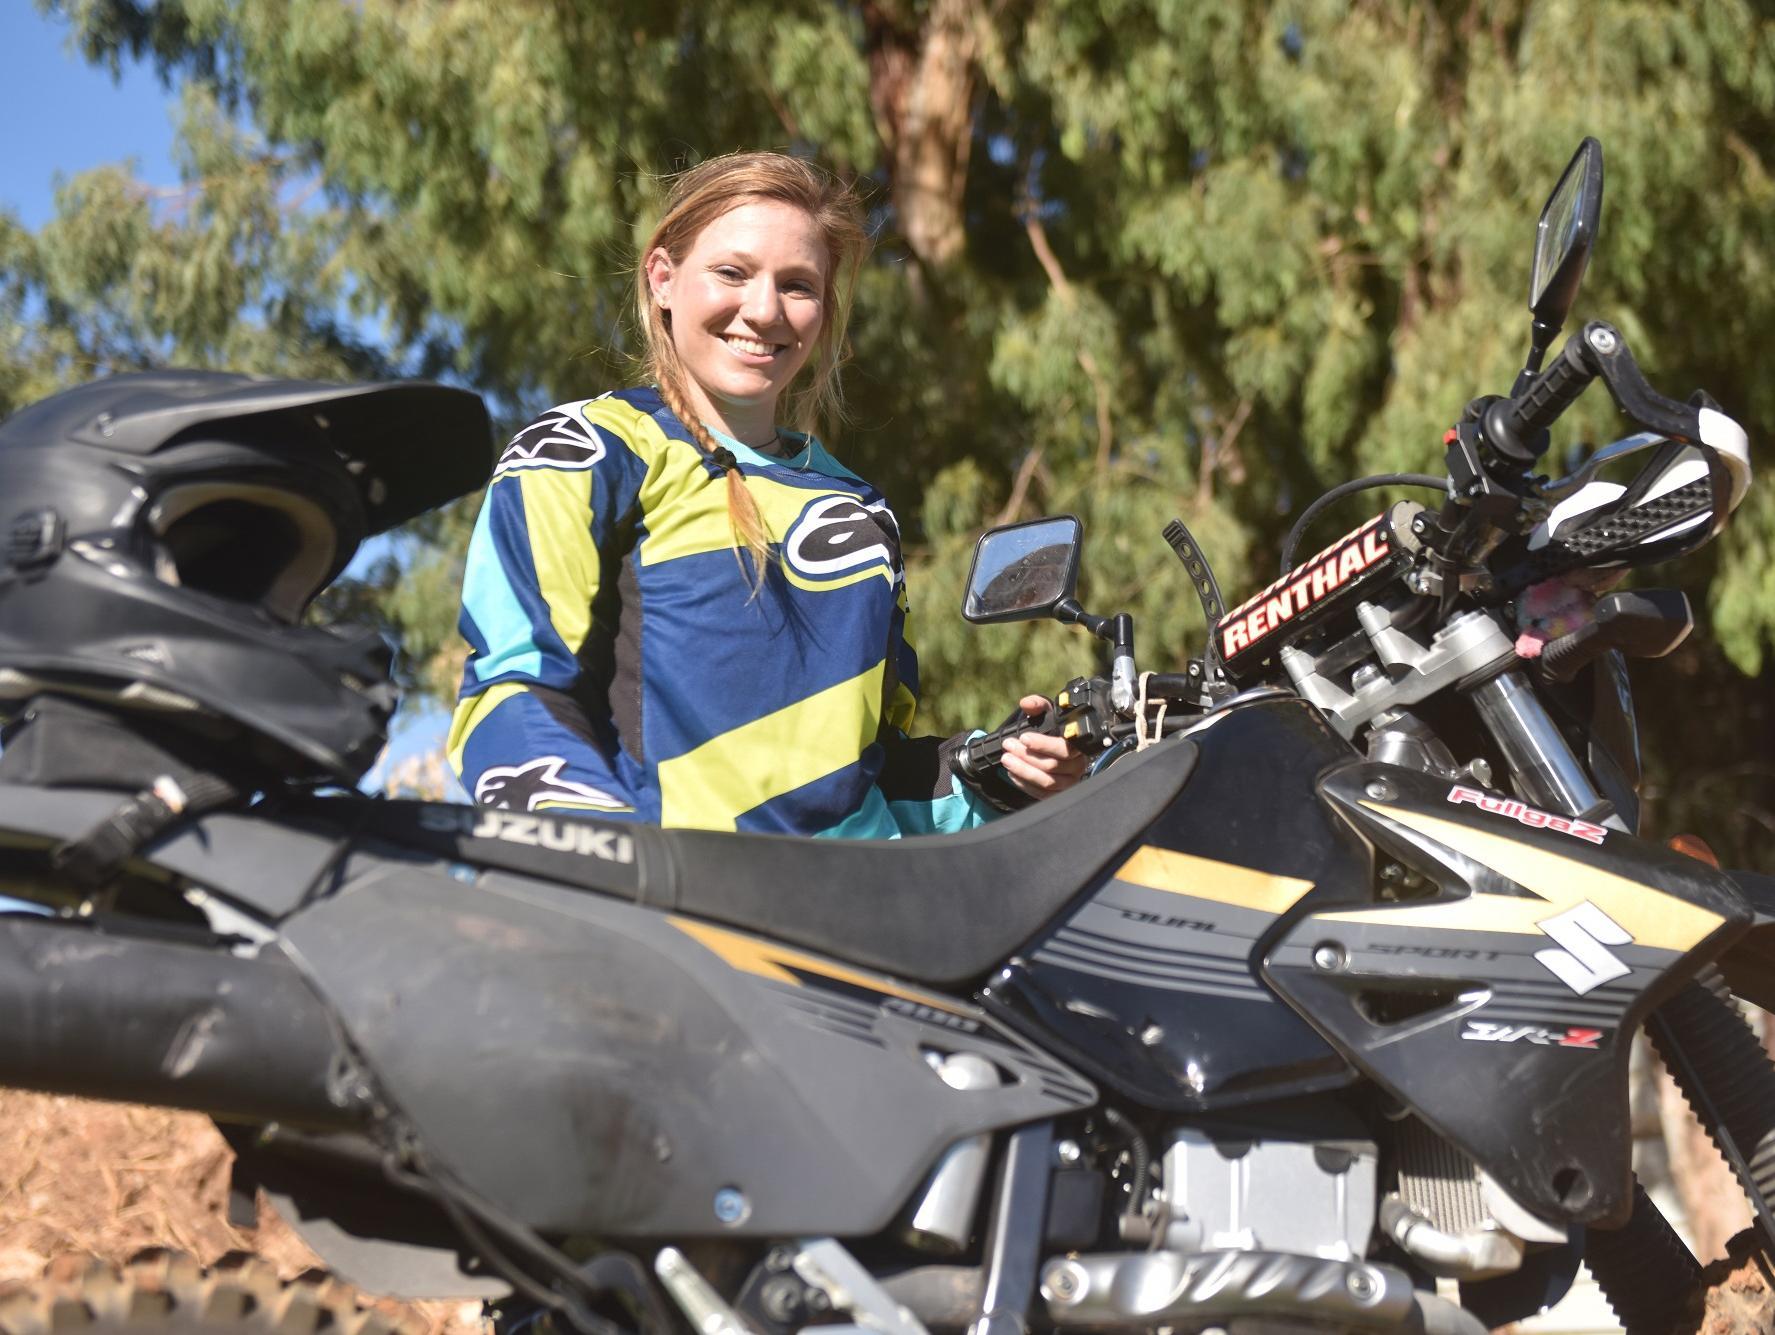 לראשונה: רוכבת שטח תנסה להגיע ממטולה לאילת ב-24 שעות